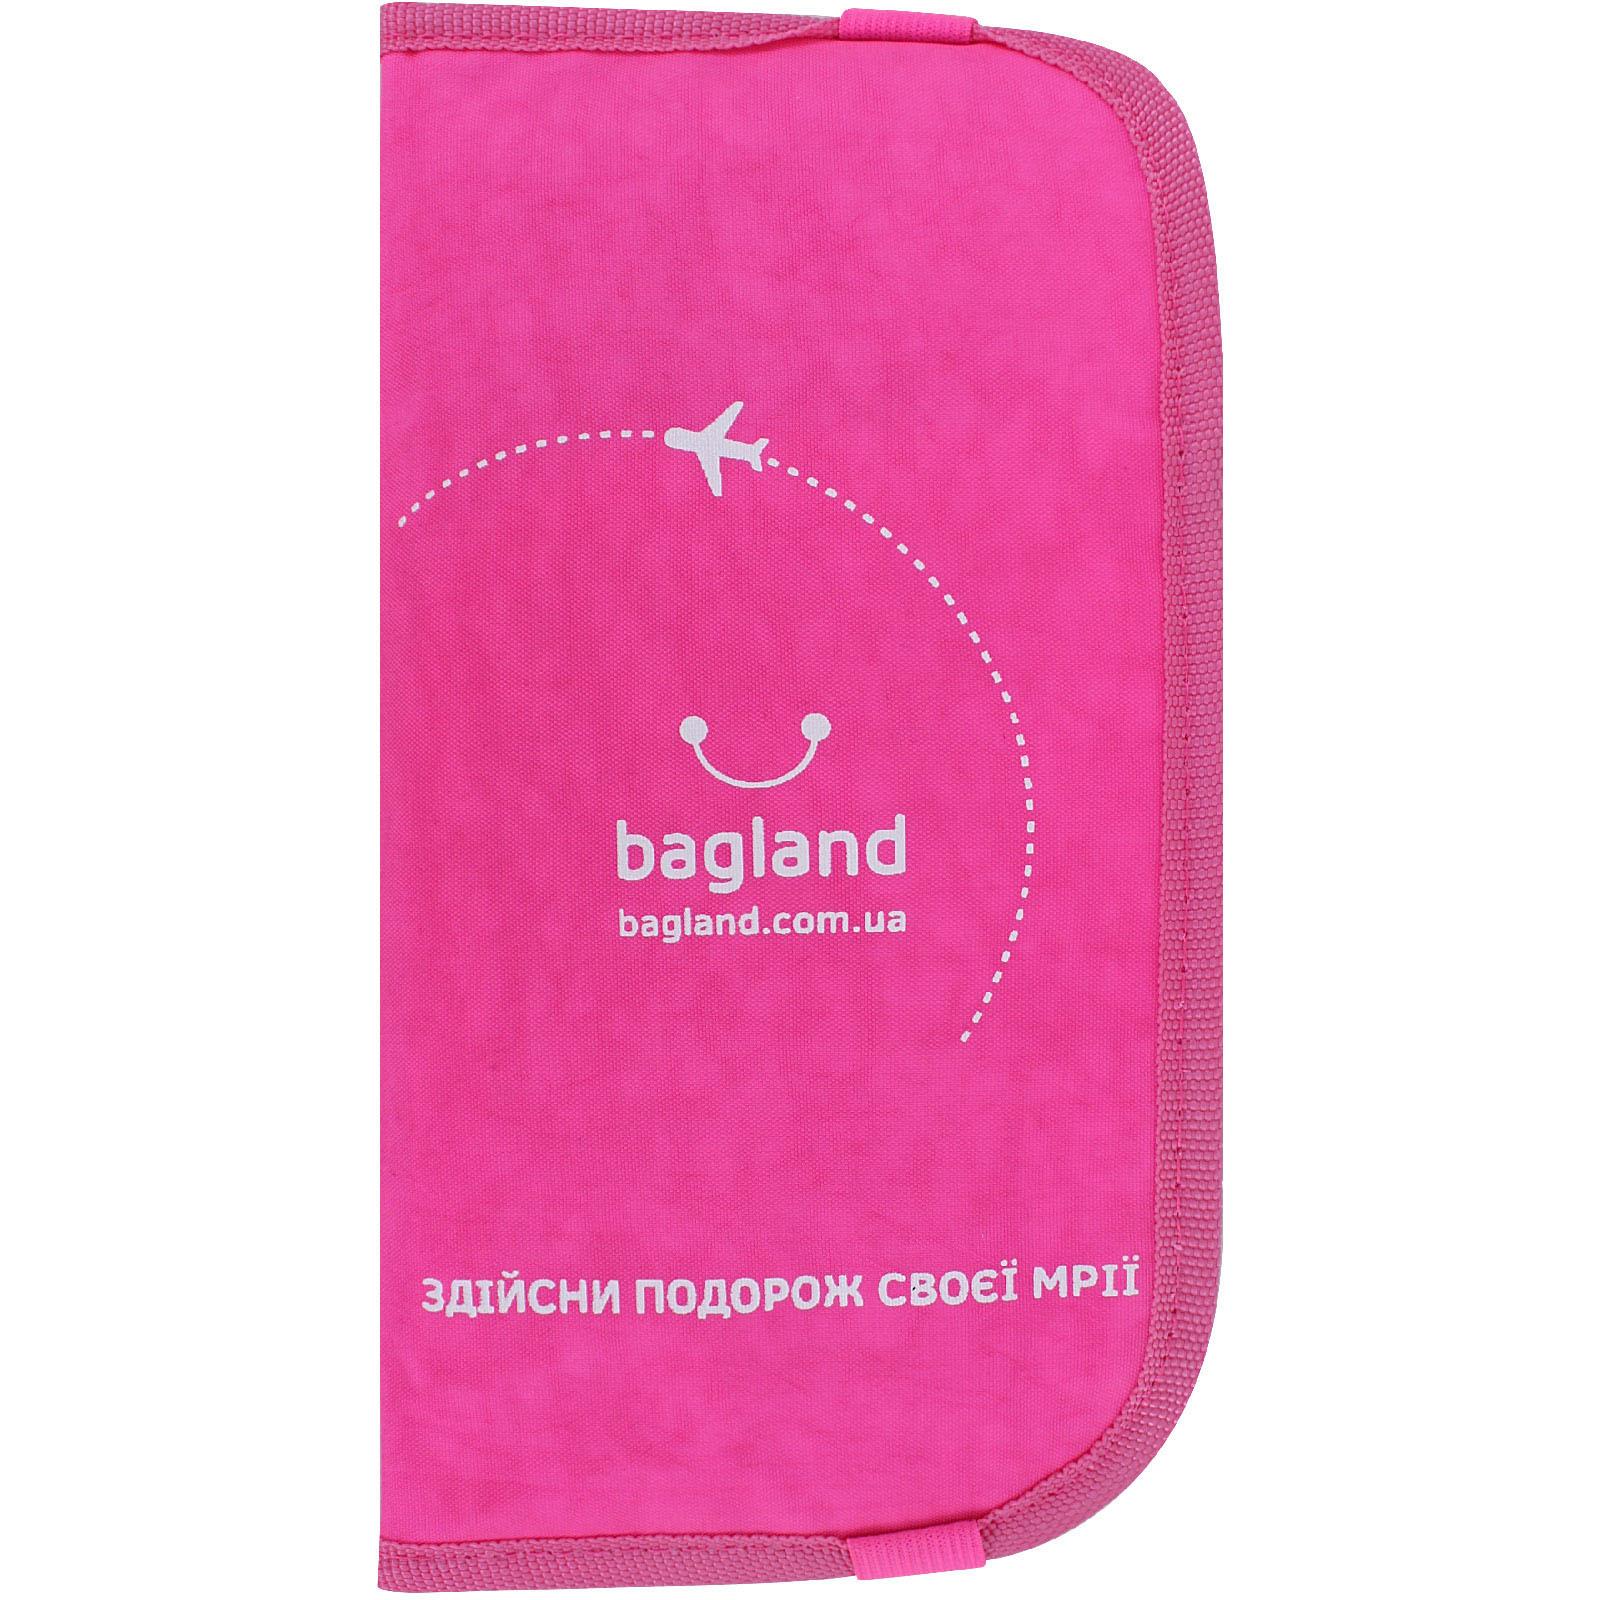 Органайзеры Чехол для документов Bagland розовый (0070270) IMG_1415.JPG